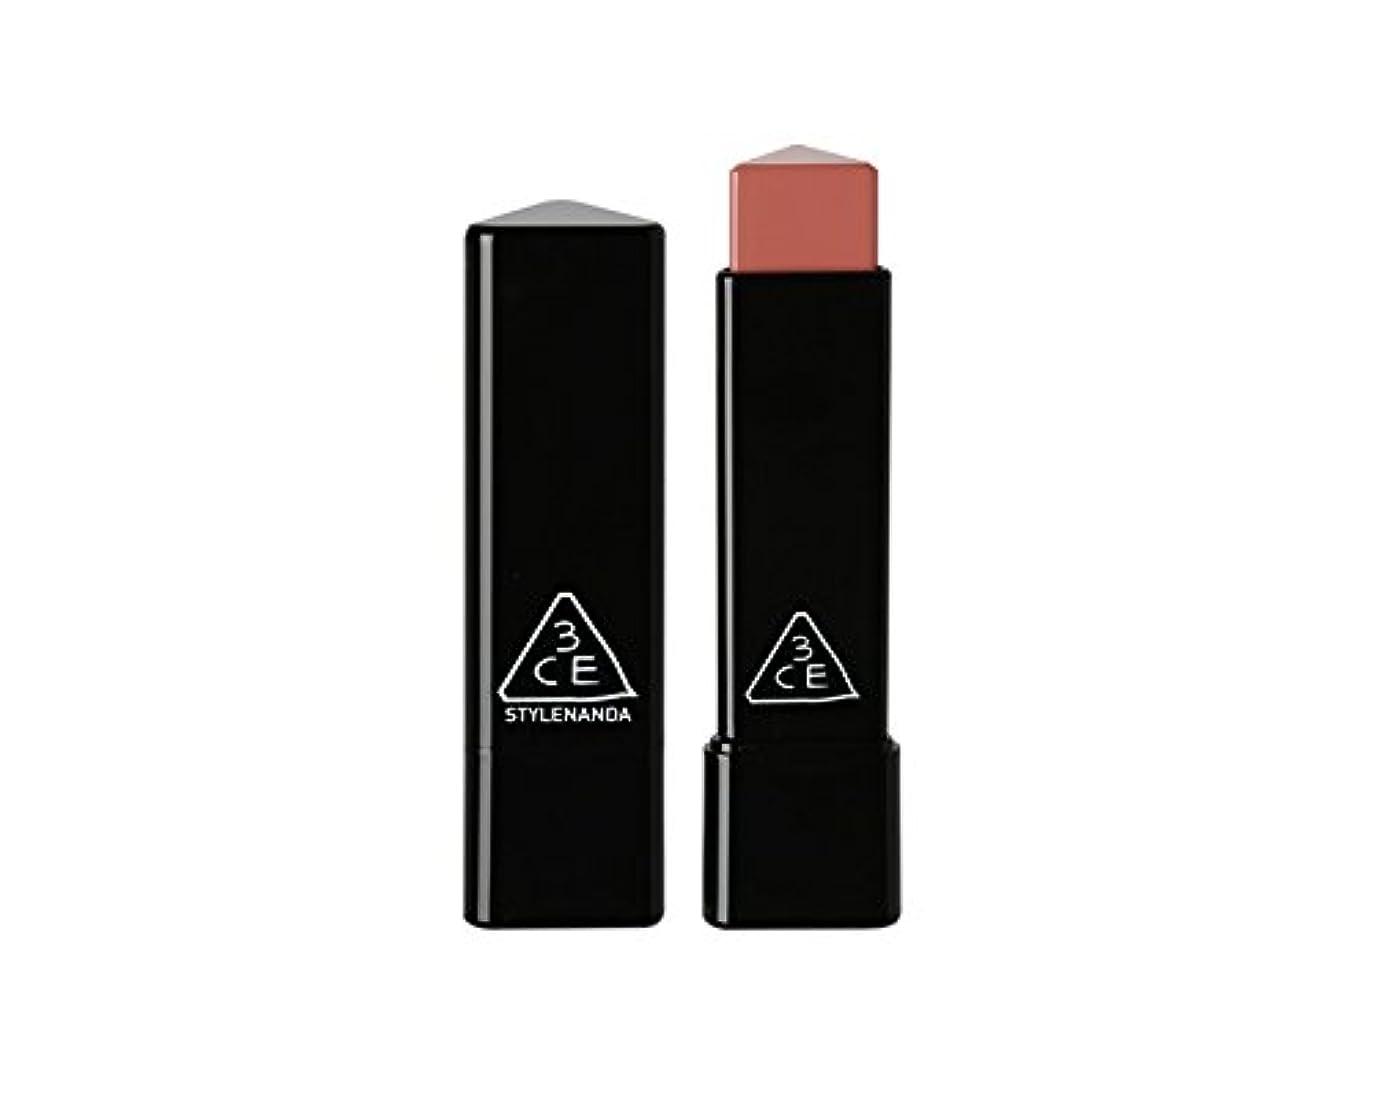 水差し証明中古3CE スロージャム三角形口紅 3 Concept Eyes Style Nanda Glow Jam Stick Triangle Lipstick (正品?海外直送品) (Longing)